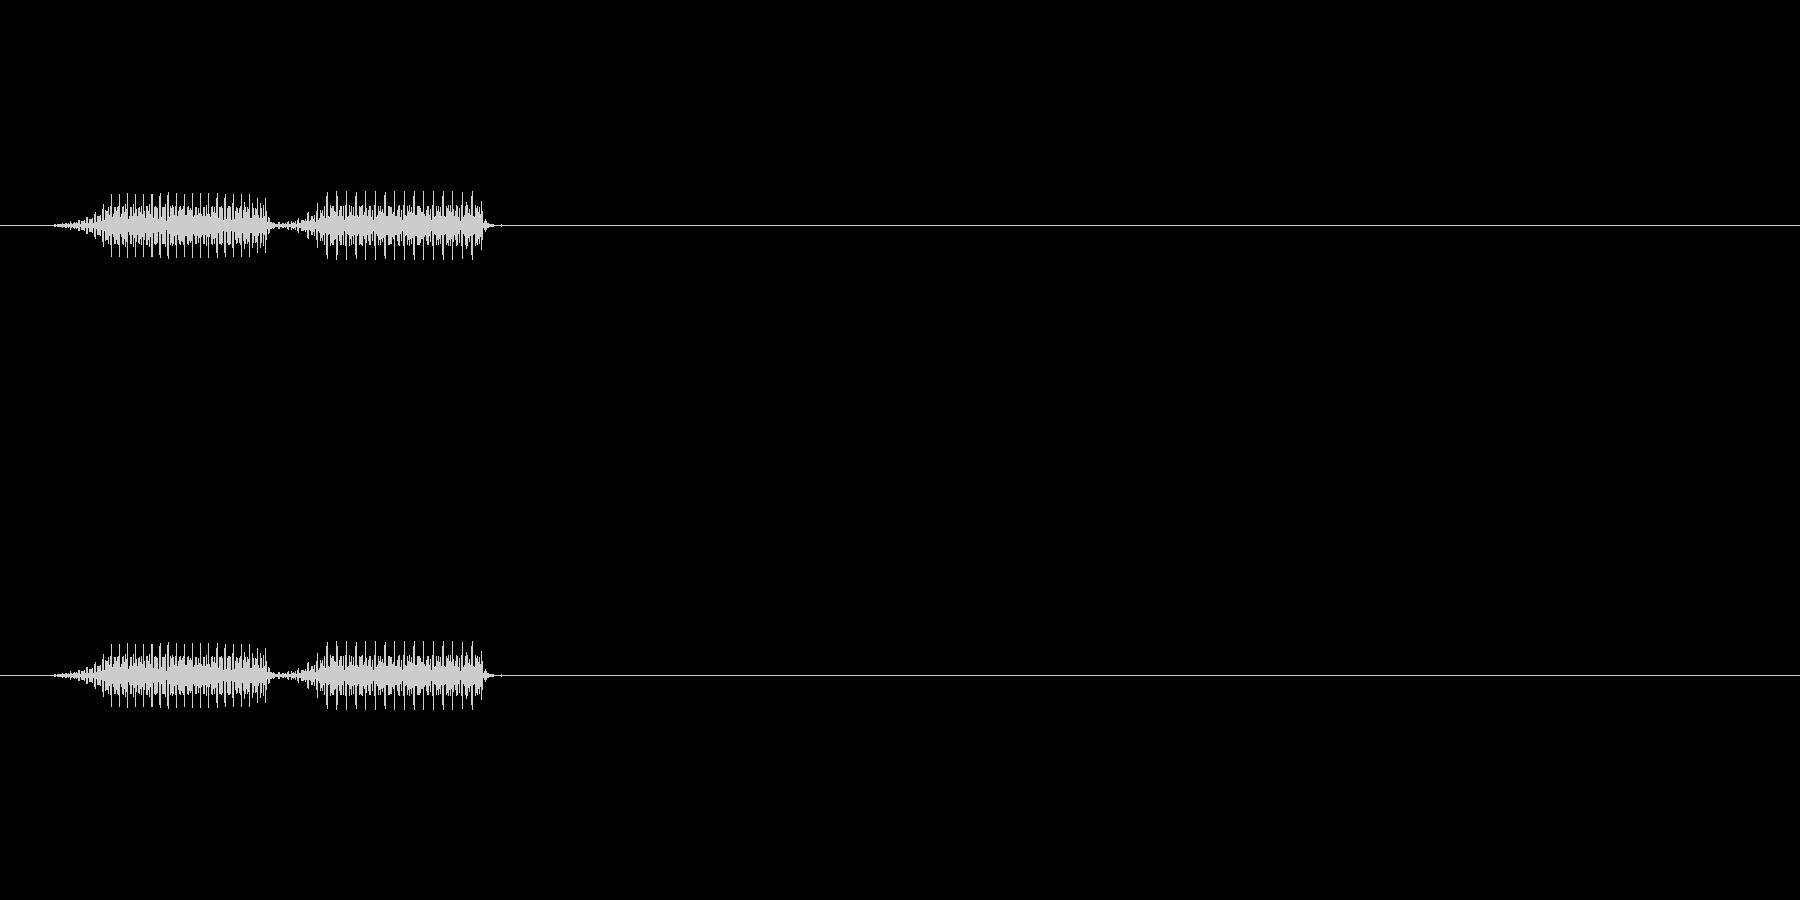 デデン↓(ファミコン風エラー音)の未再生の波形